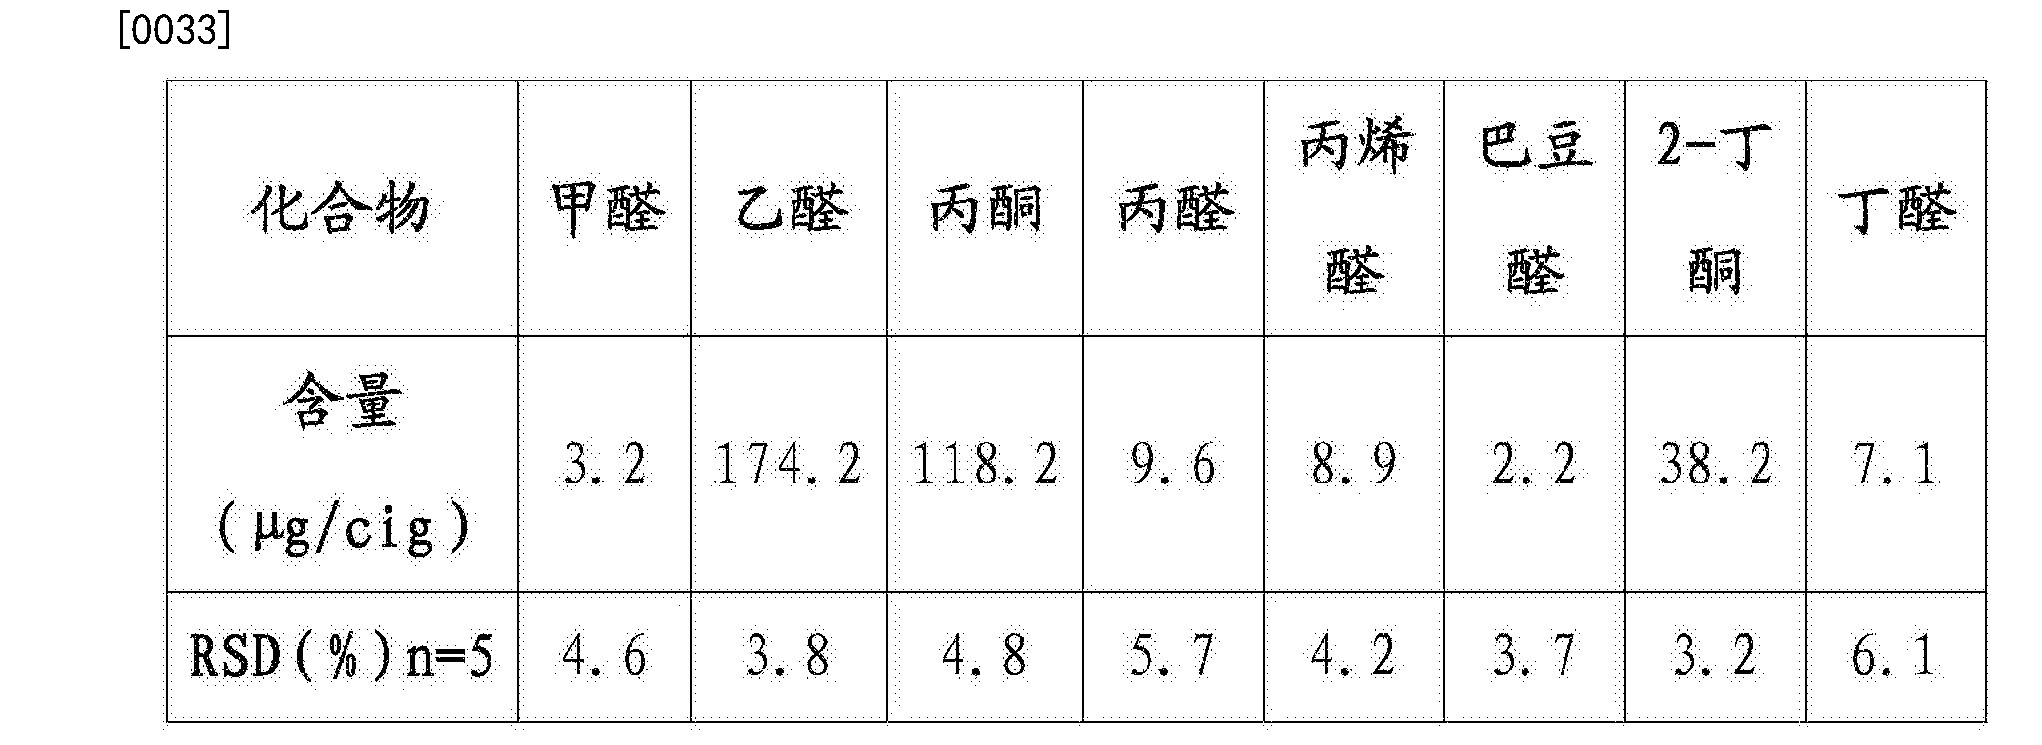 Figure CN104266871BD00061